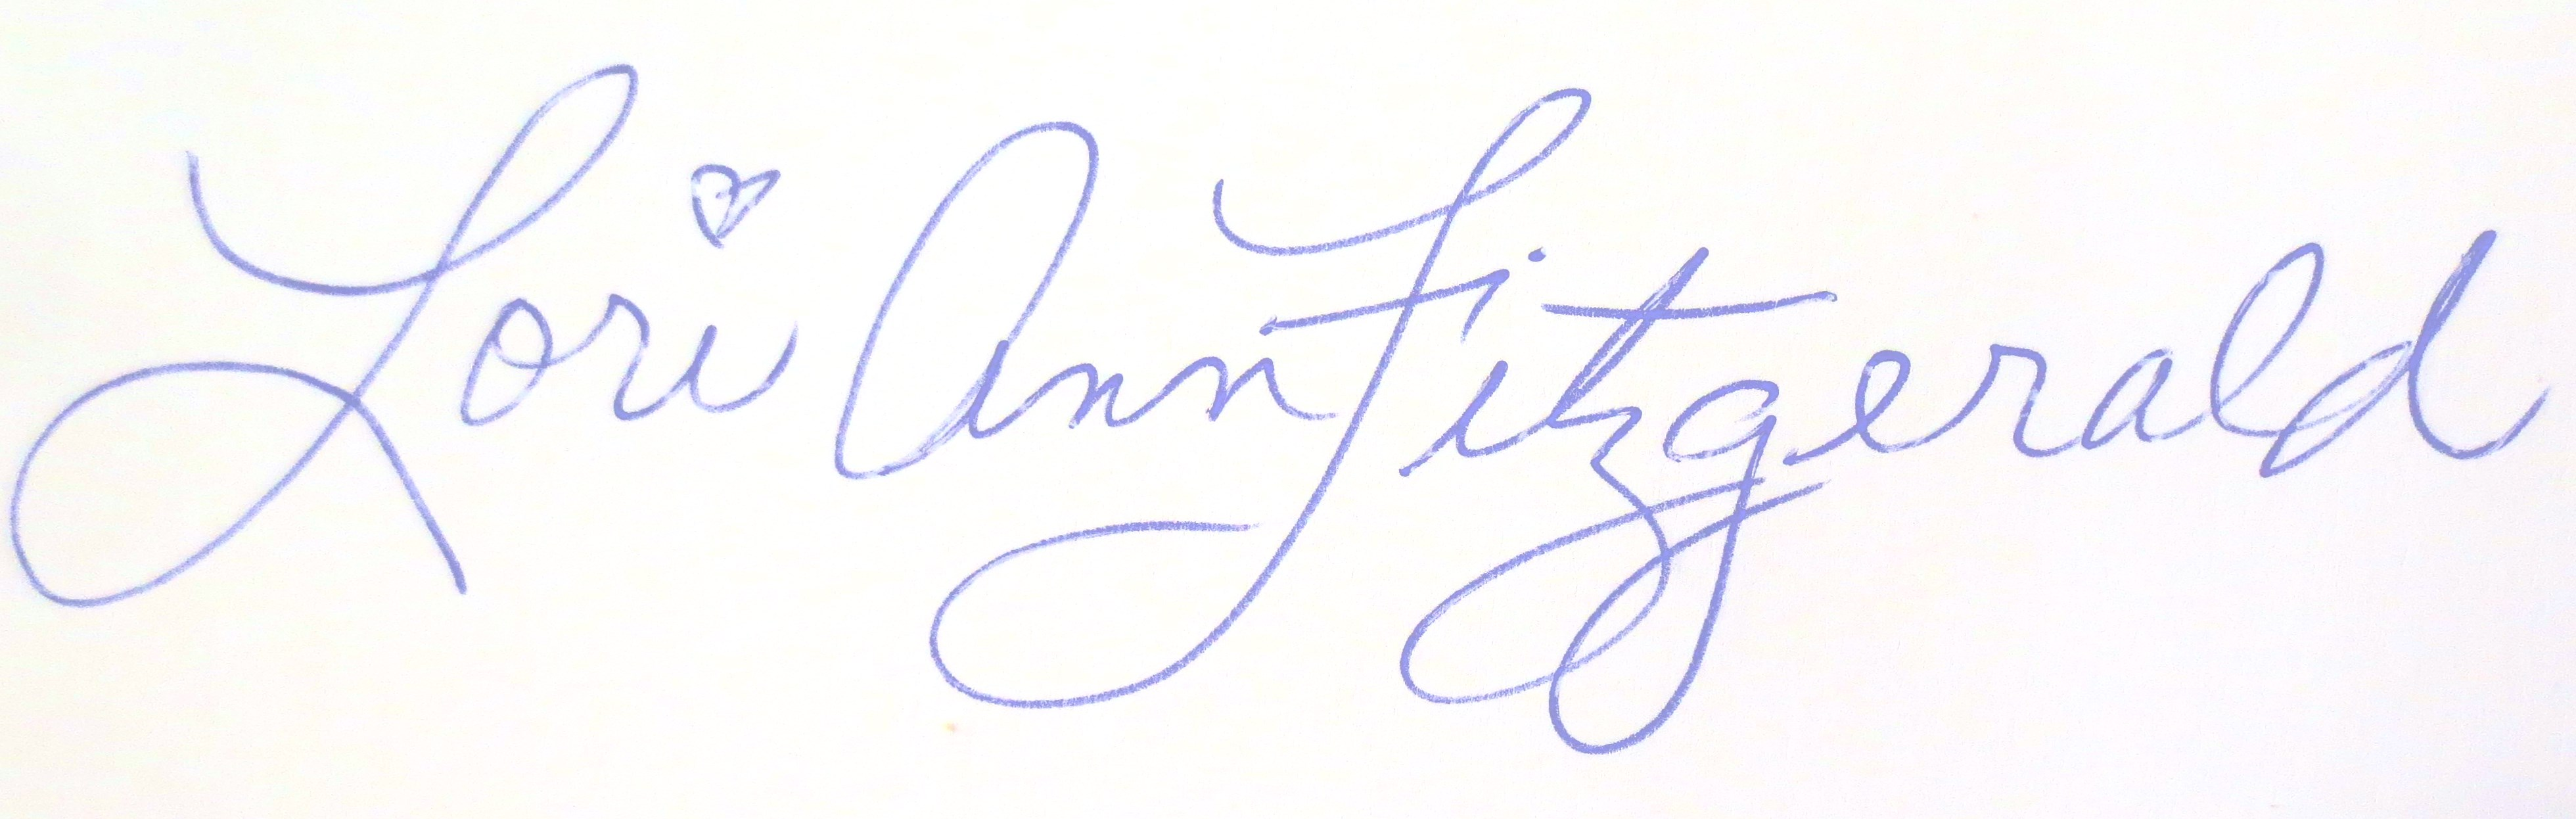 LORI ANN FITZGERALD Signature